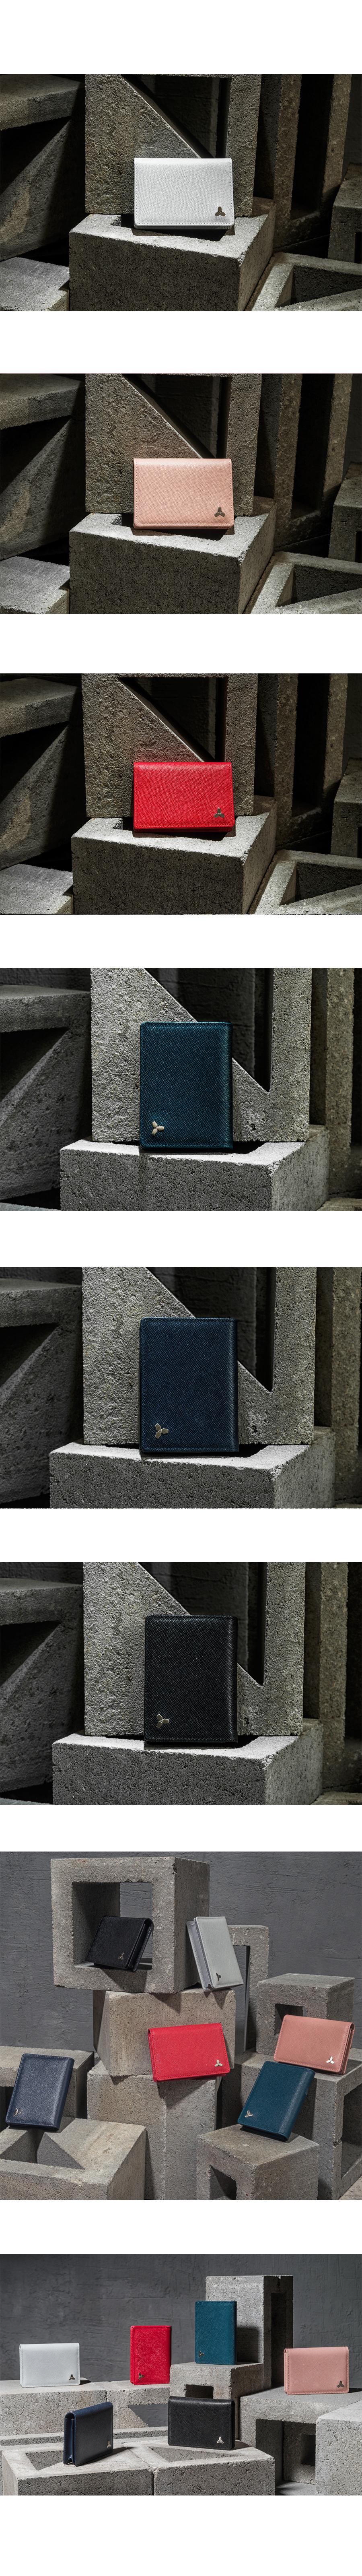 [코앤크릿] 18WTS0103C12DB 트리포드 카드 명함지갑 딥블루